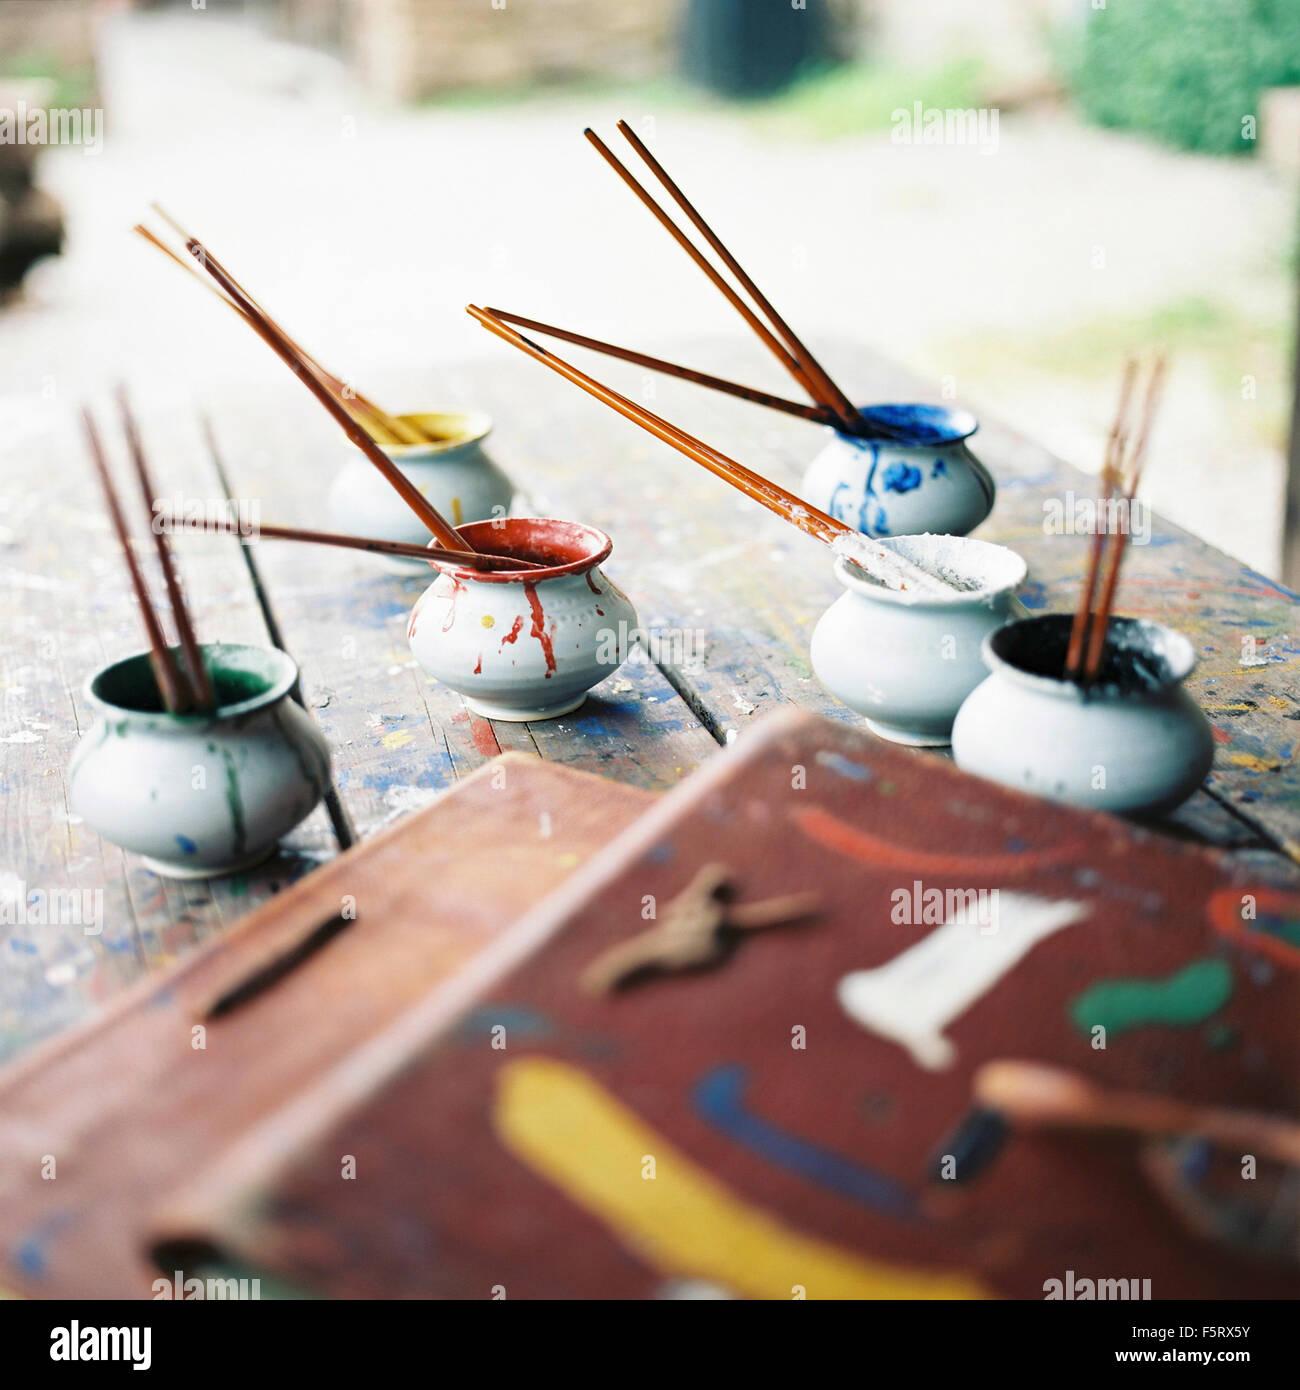 La Suède, Oland, pinceaux dans de petits bols Photo Stock